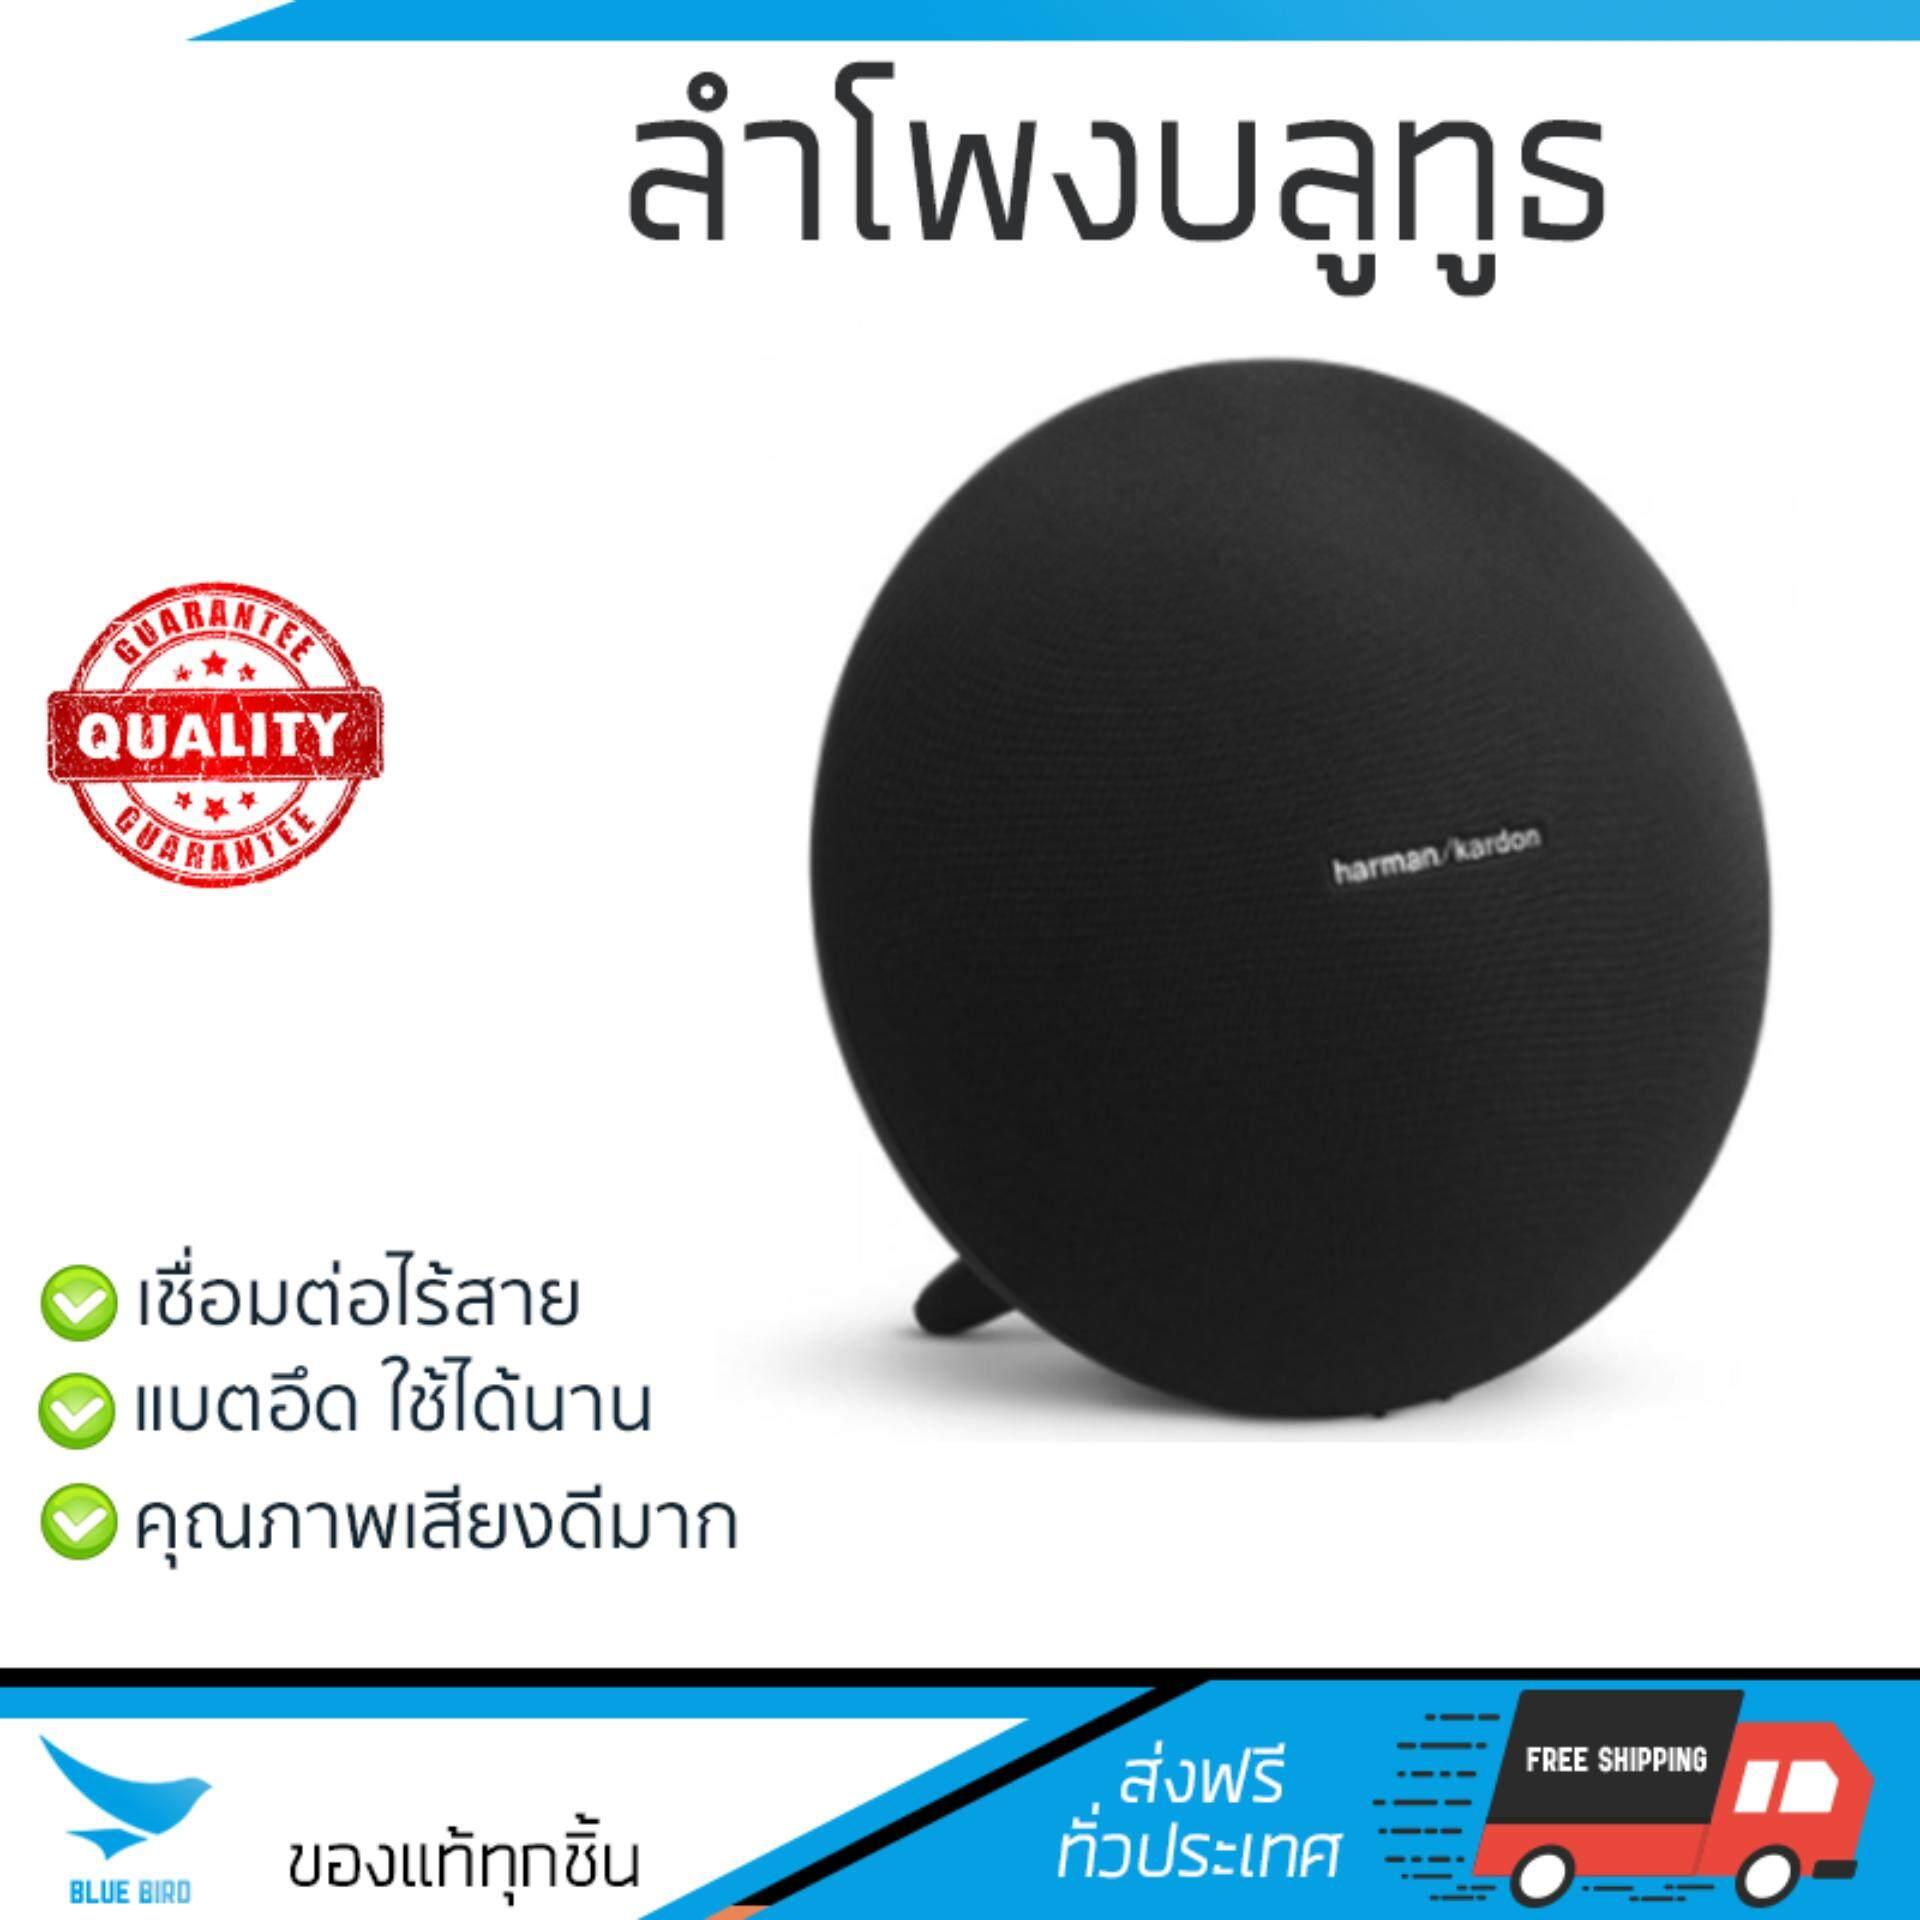 สอนใช้งาน  ยะลา จัดส่งฟรี ลำโพงบลูทูธ  Harman Kardon Bluetooth Speaker 2.1 Onyx Studio4 Black เสียงใส คุณภาพเกินตัว Wireless Bluetooth Speaker รับประกัน 1 ปี